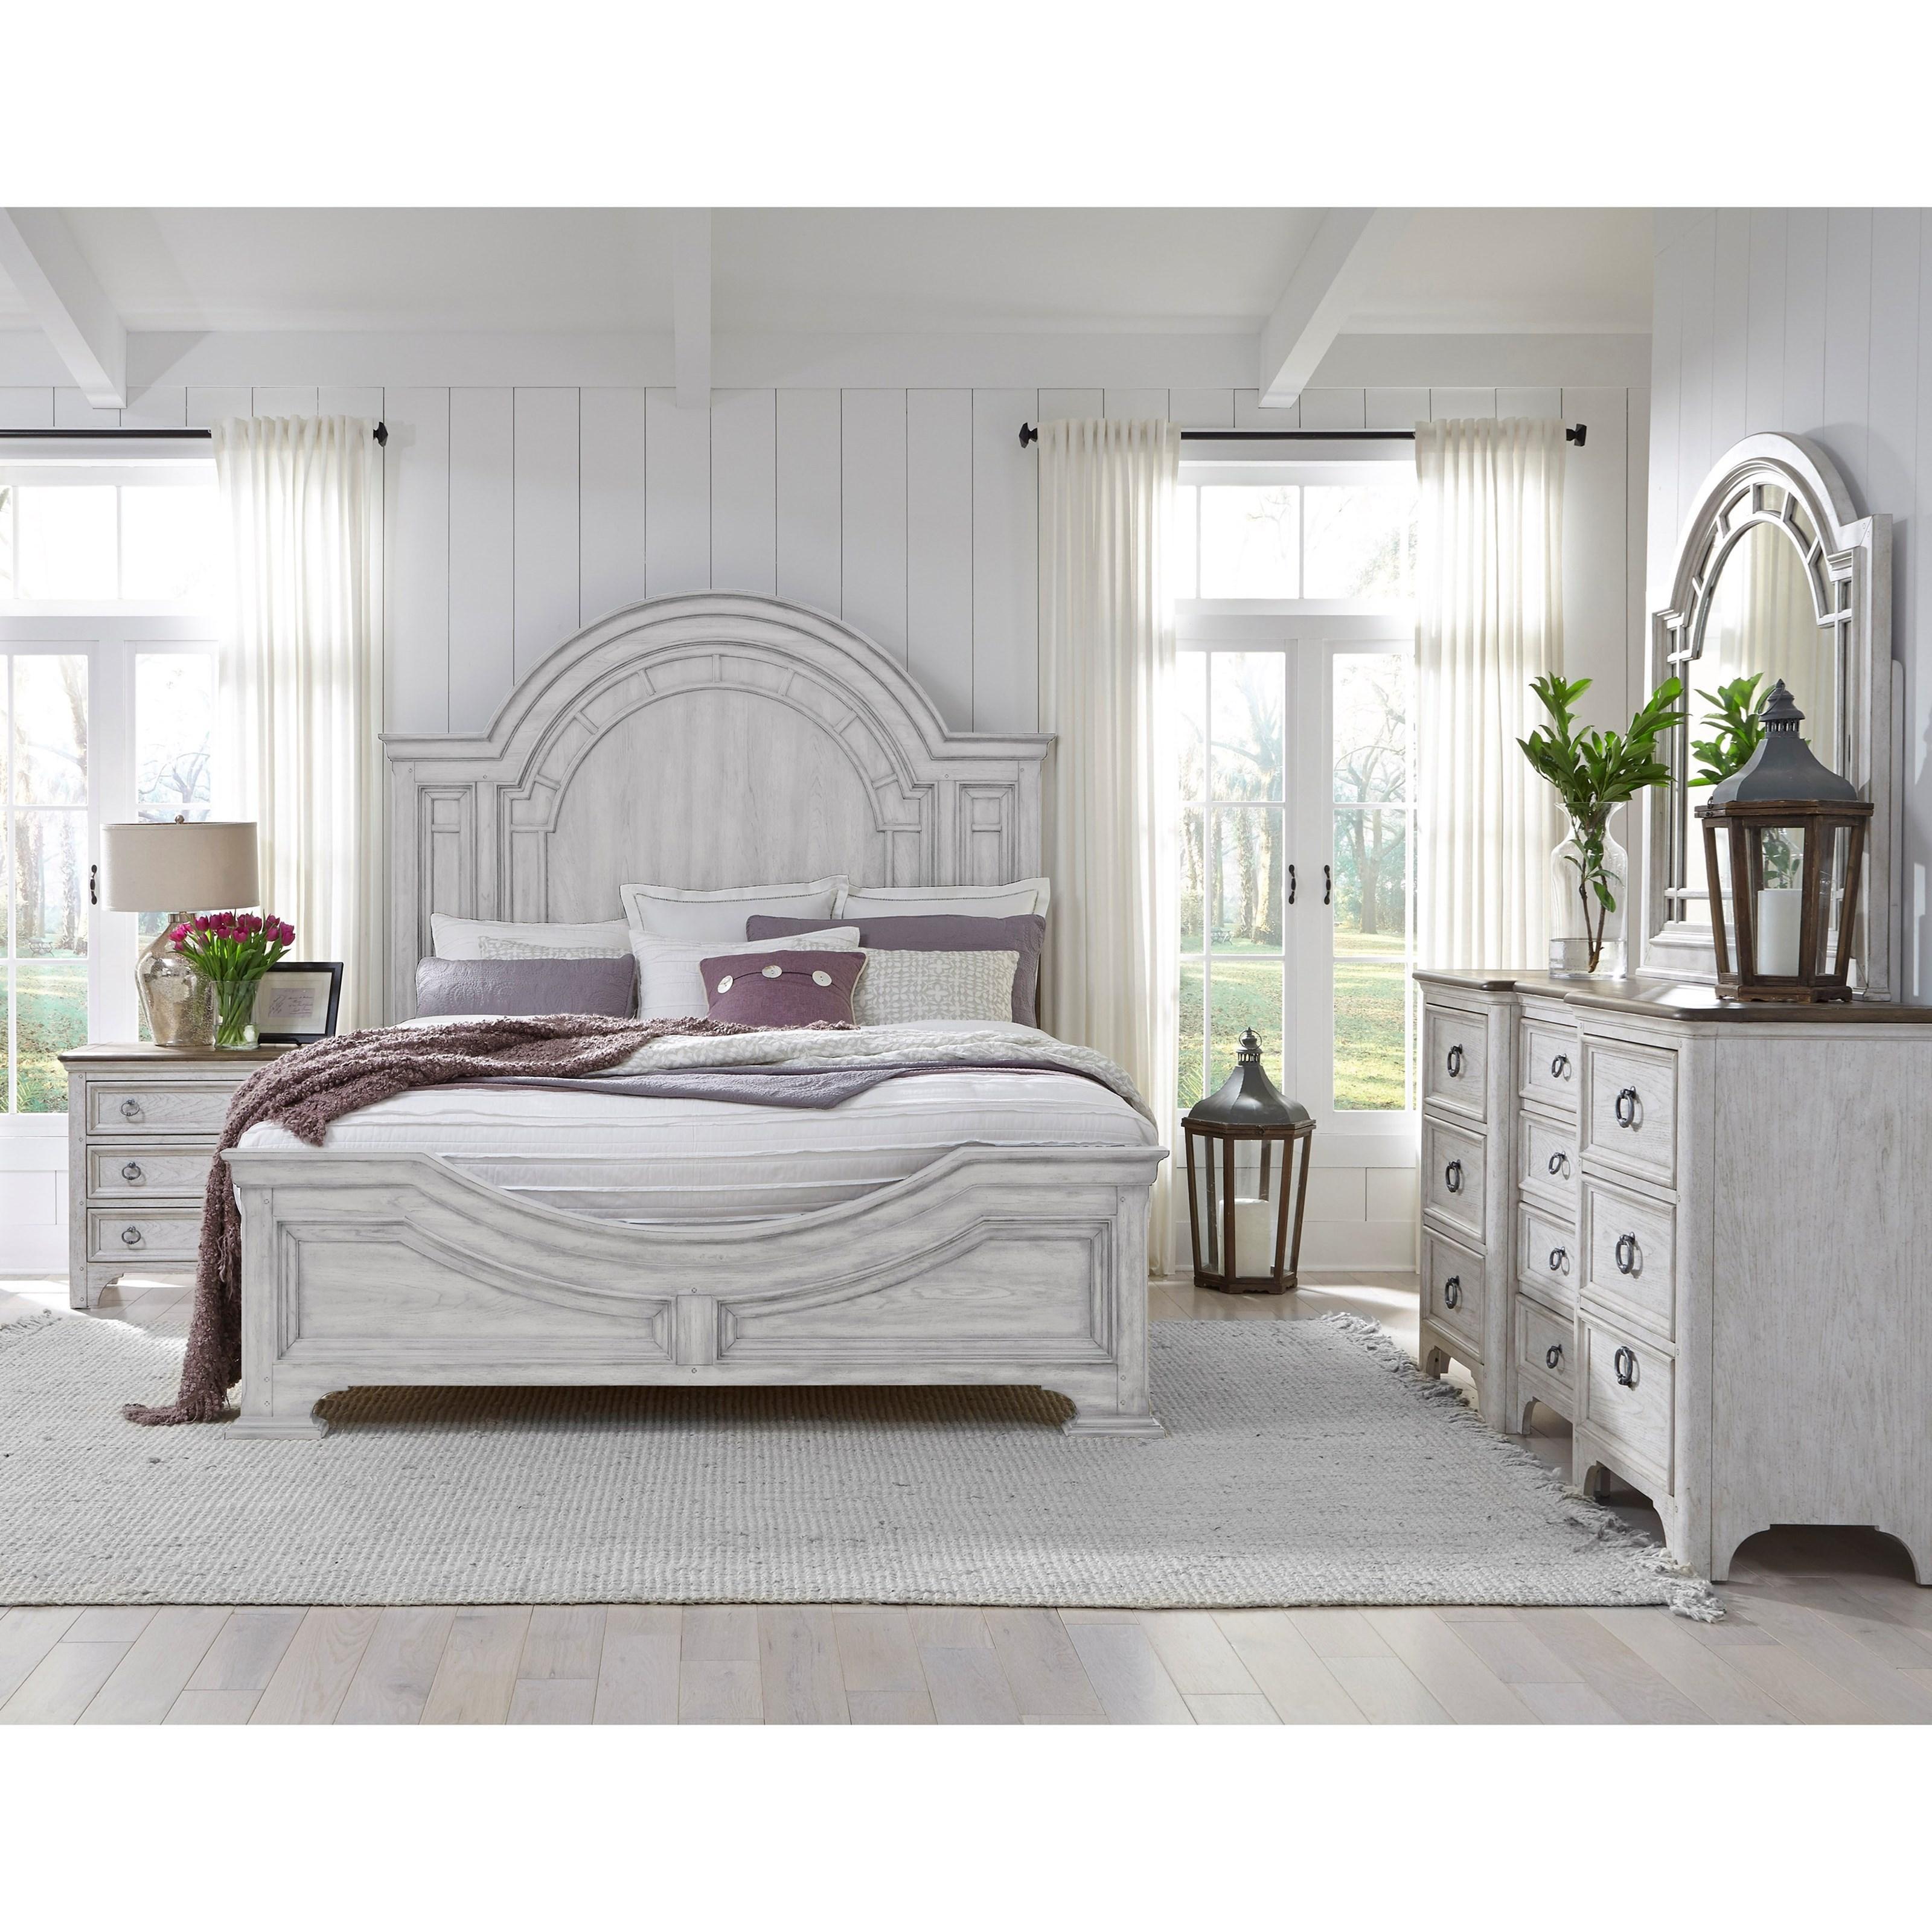 Pulaski Furniture Glendale Estates Farmhouse King Bedroom Group Rooms For Less Bedroom Groups